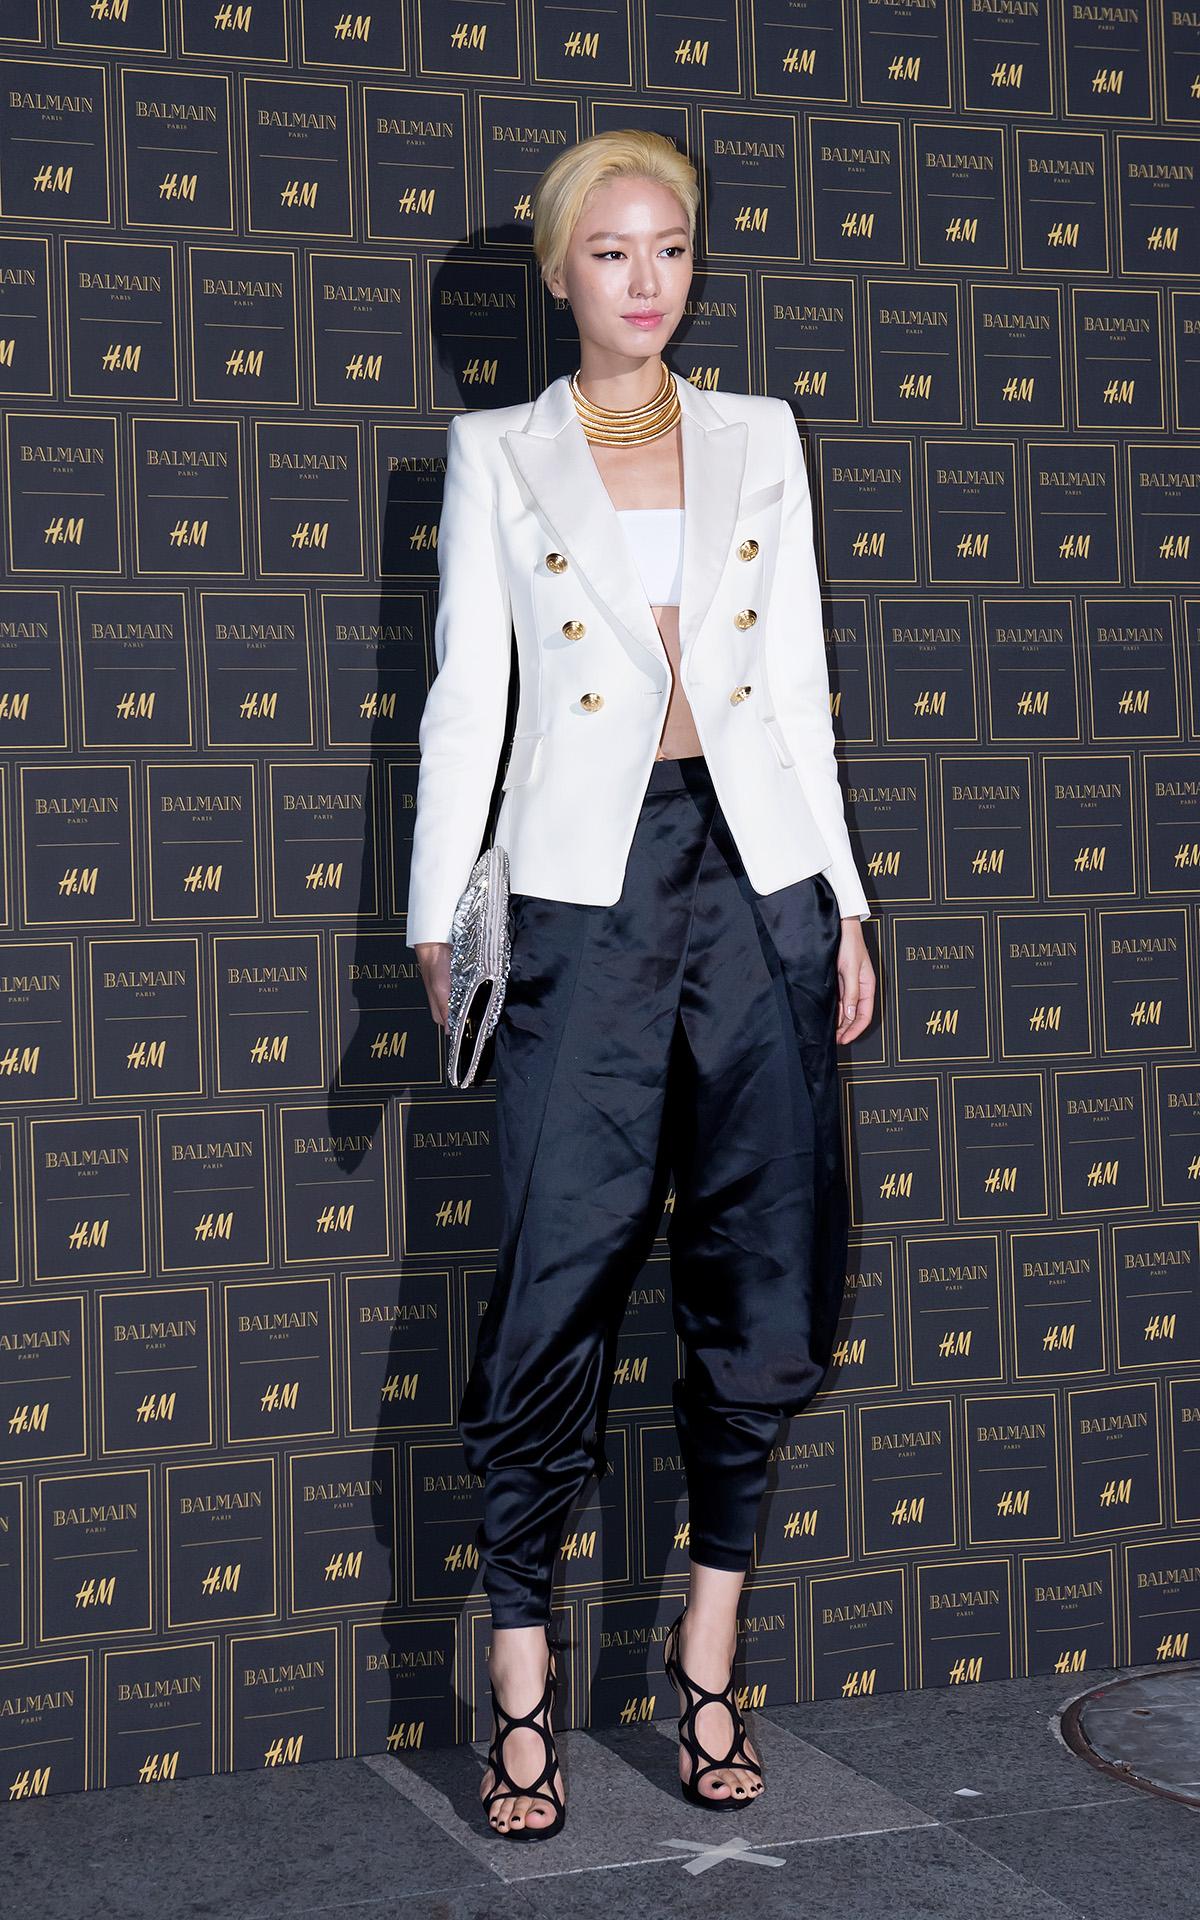 在韓國時尚圈備受注目的朴澀琪則做了修飾身形的寬褲造型,白色與金屬扣環的西裝外套已經是許多時尚潮人的慾望單品。